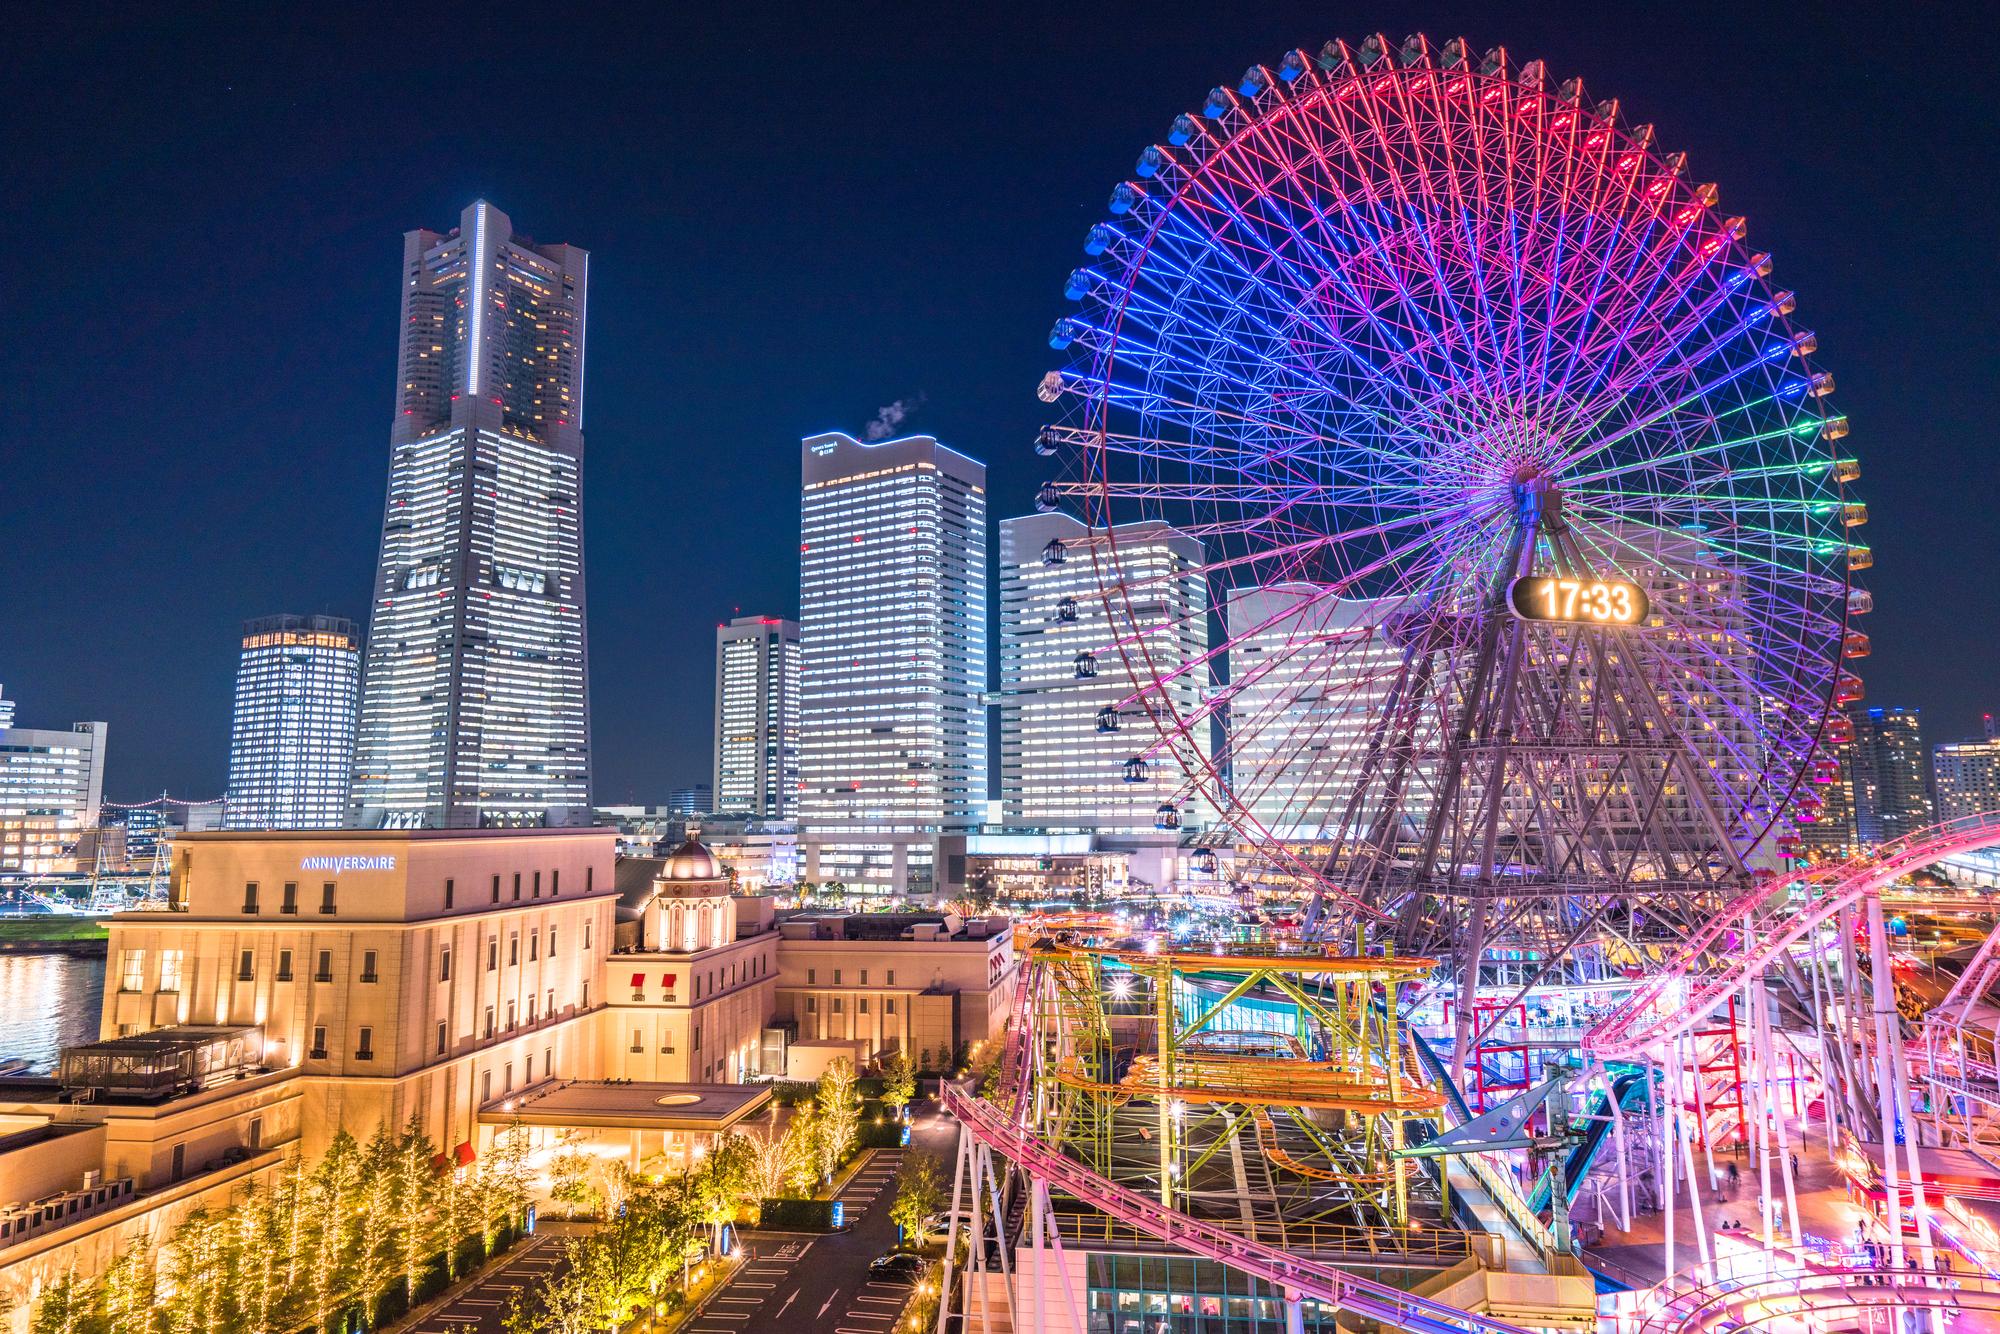 横浜みなとみらいの美しくライトアップされた夜景